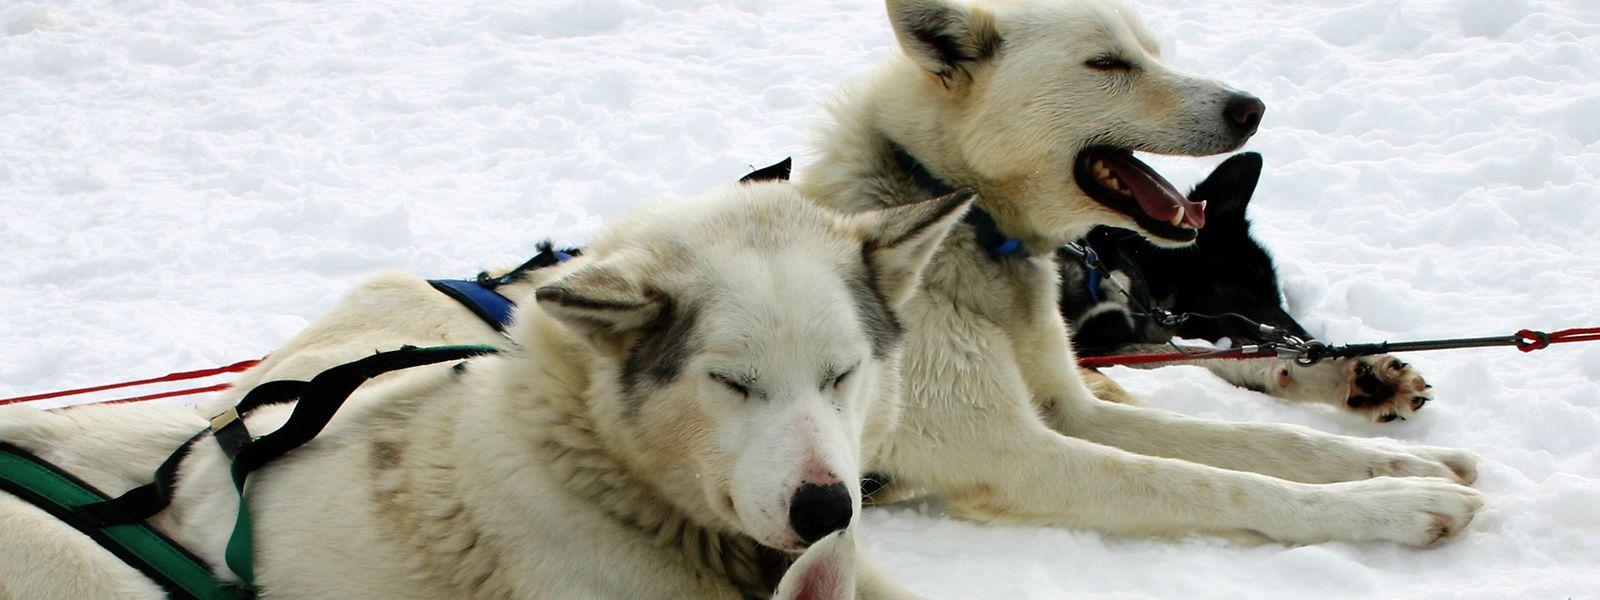 Kleine Verschnaufpause: Auch die agilen Hunde müssen mal eine Rast einlegen.